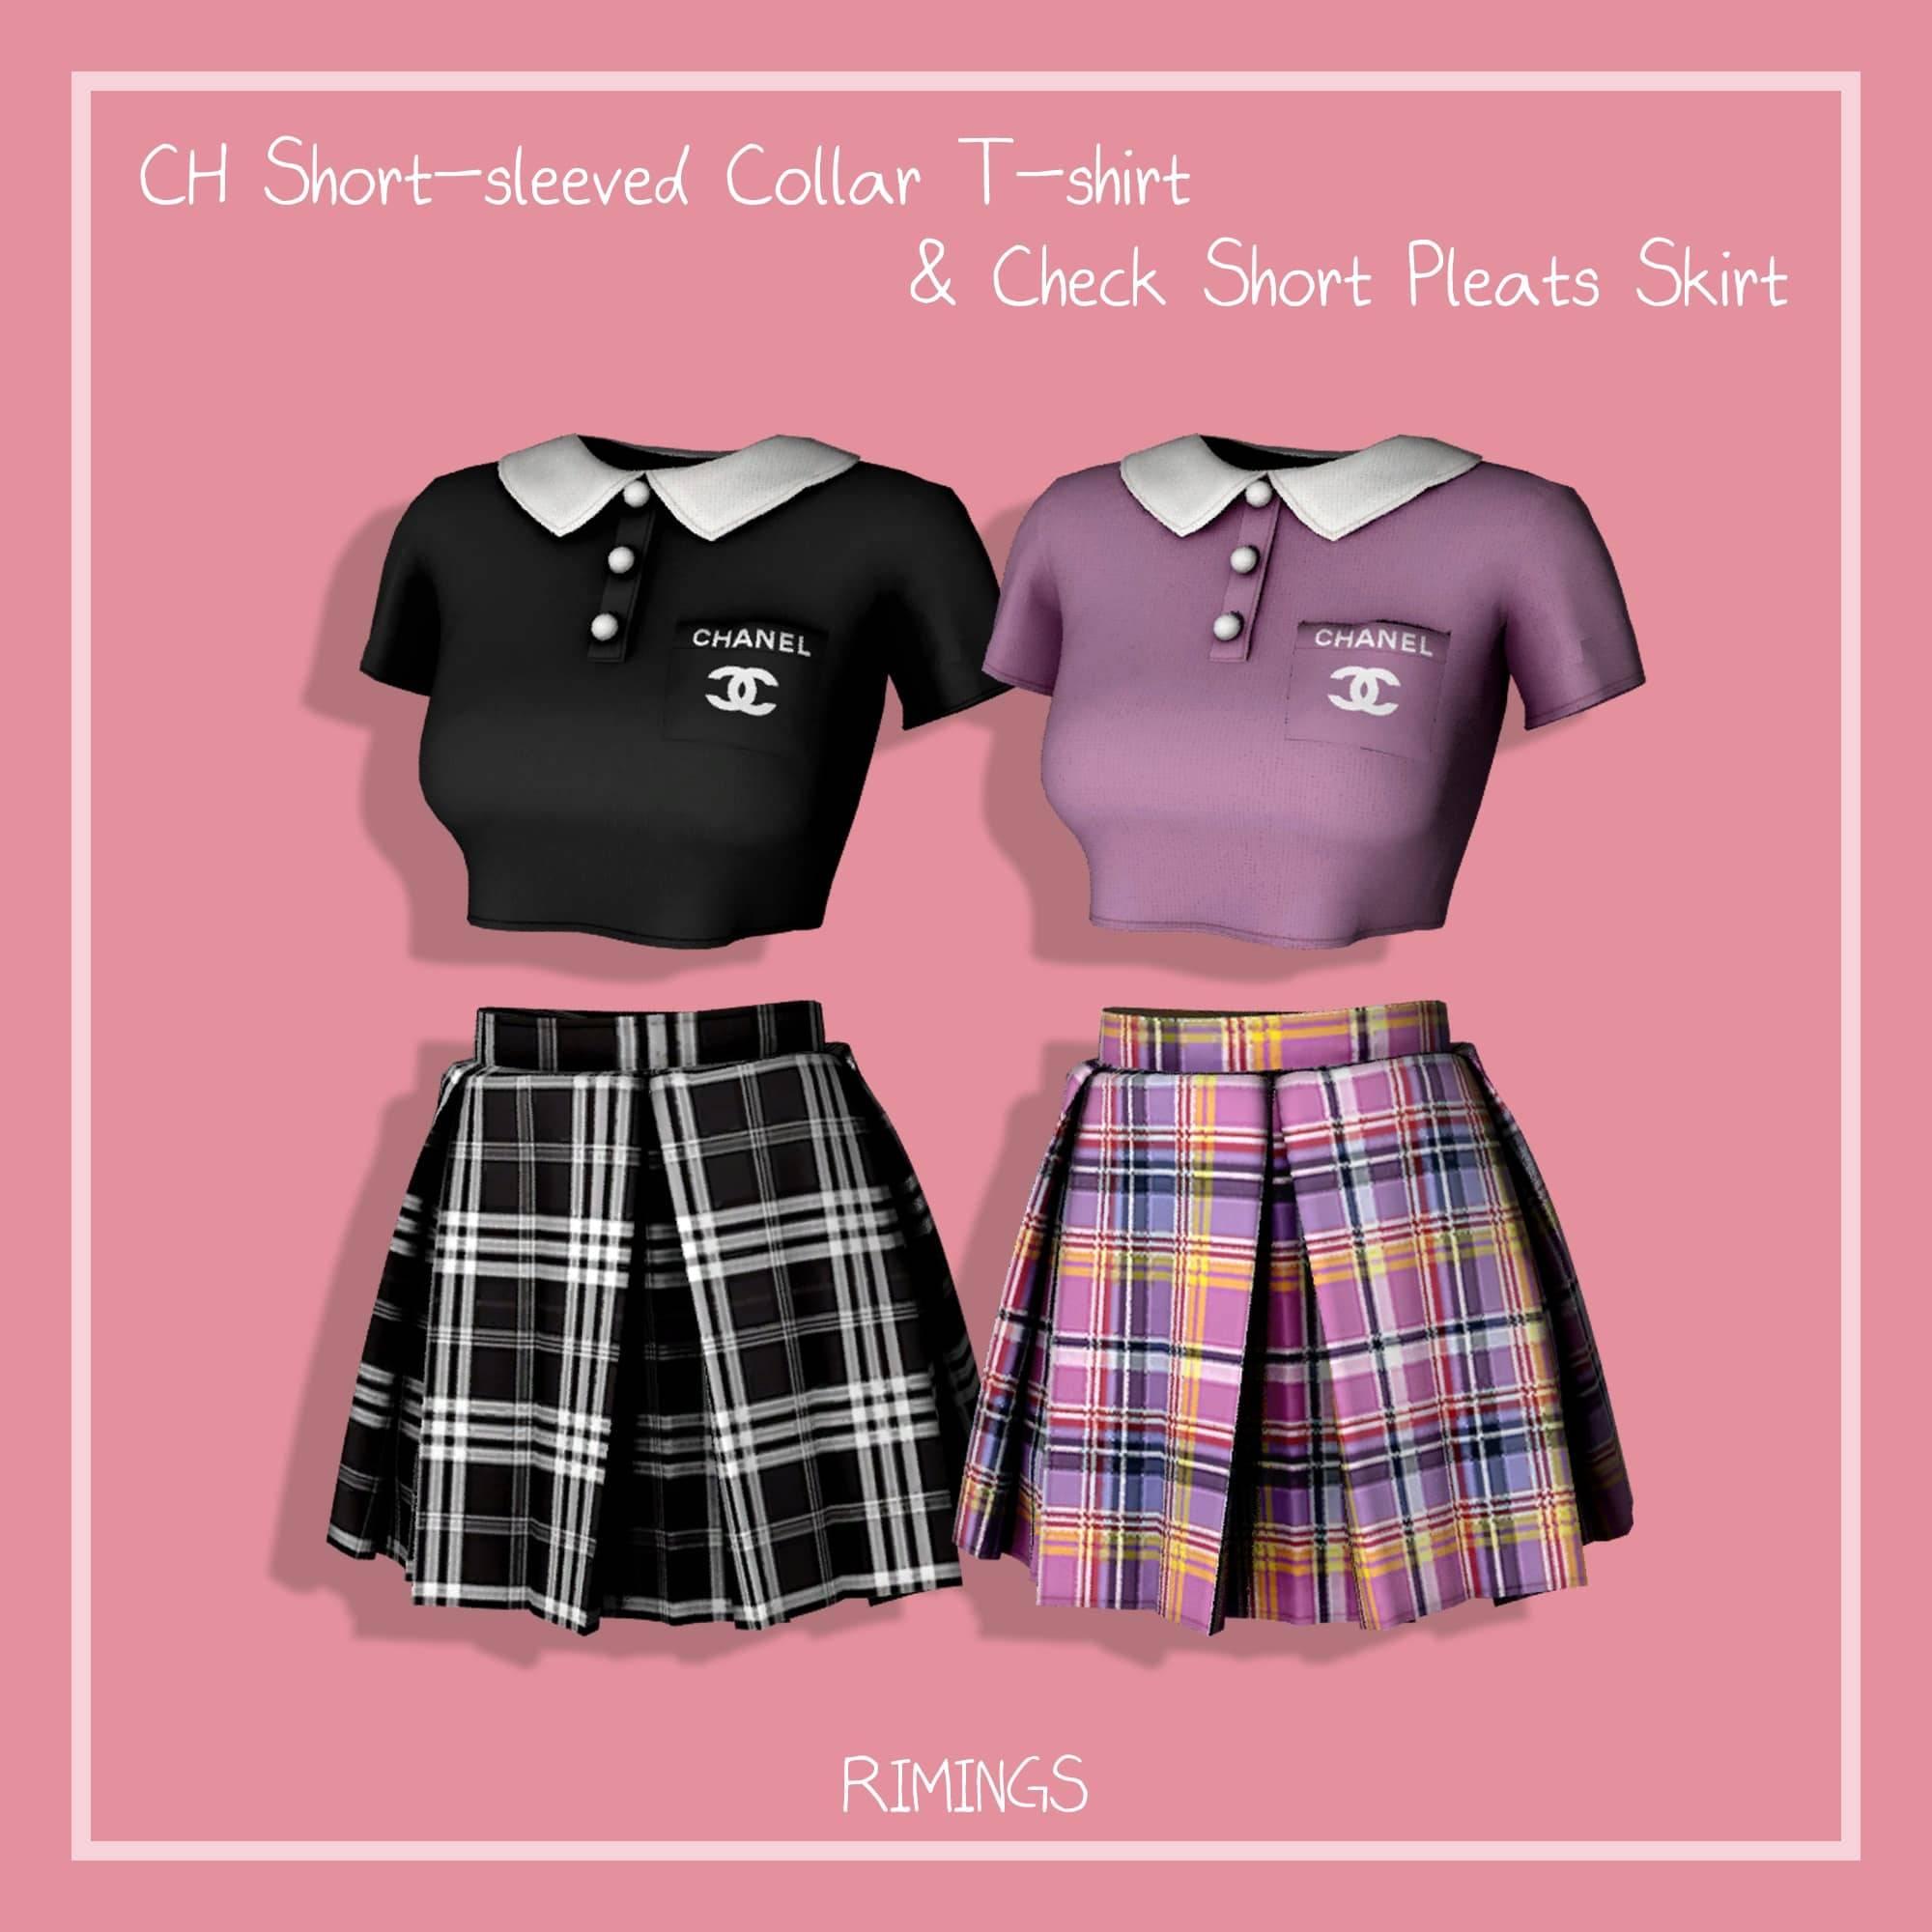 Футболка и юбка - CH Short-sleeved Collar T-shirt & Check Short Pleats Skirt